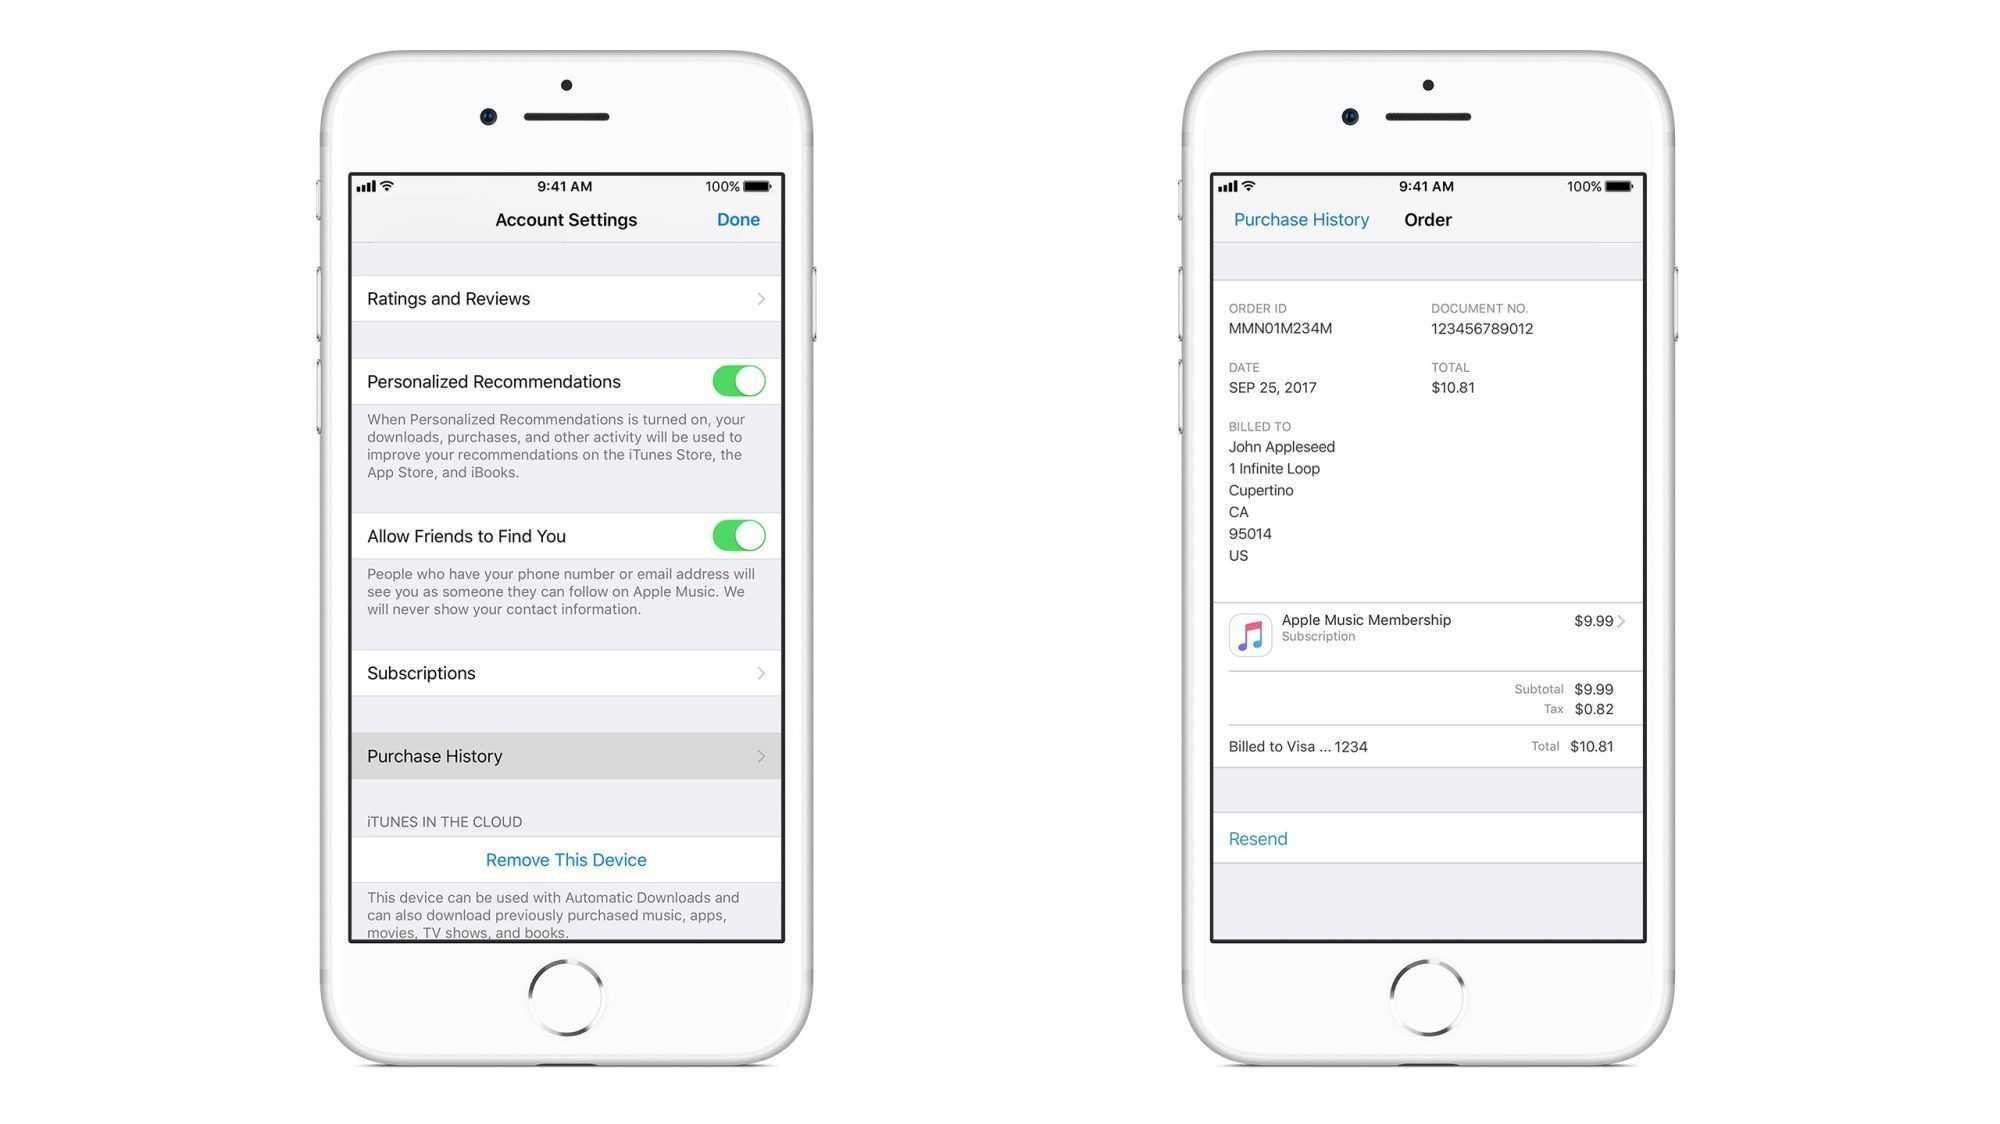 iOS-Geräte zeigen detaillierte App- und iTunes-Kaufgeschichte